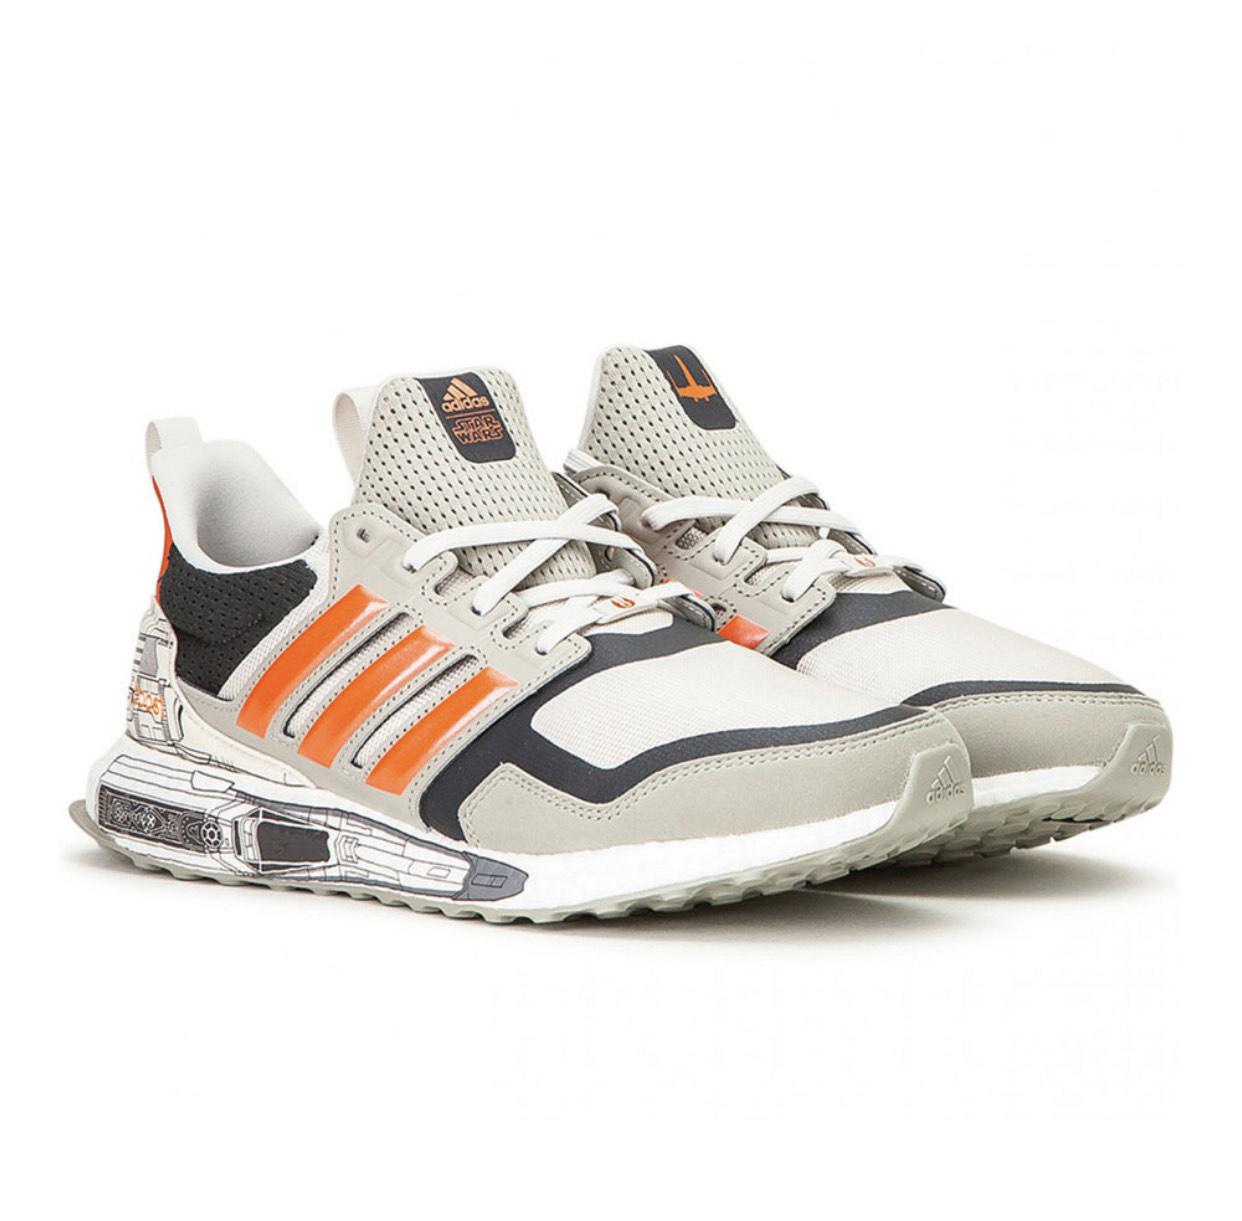 Chaussures de running Adidas UltraBoost Star Wars (du 40 au 46)